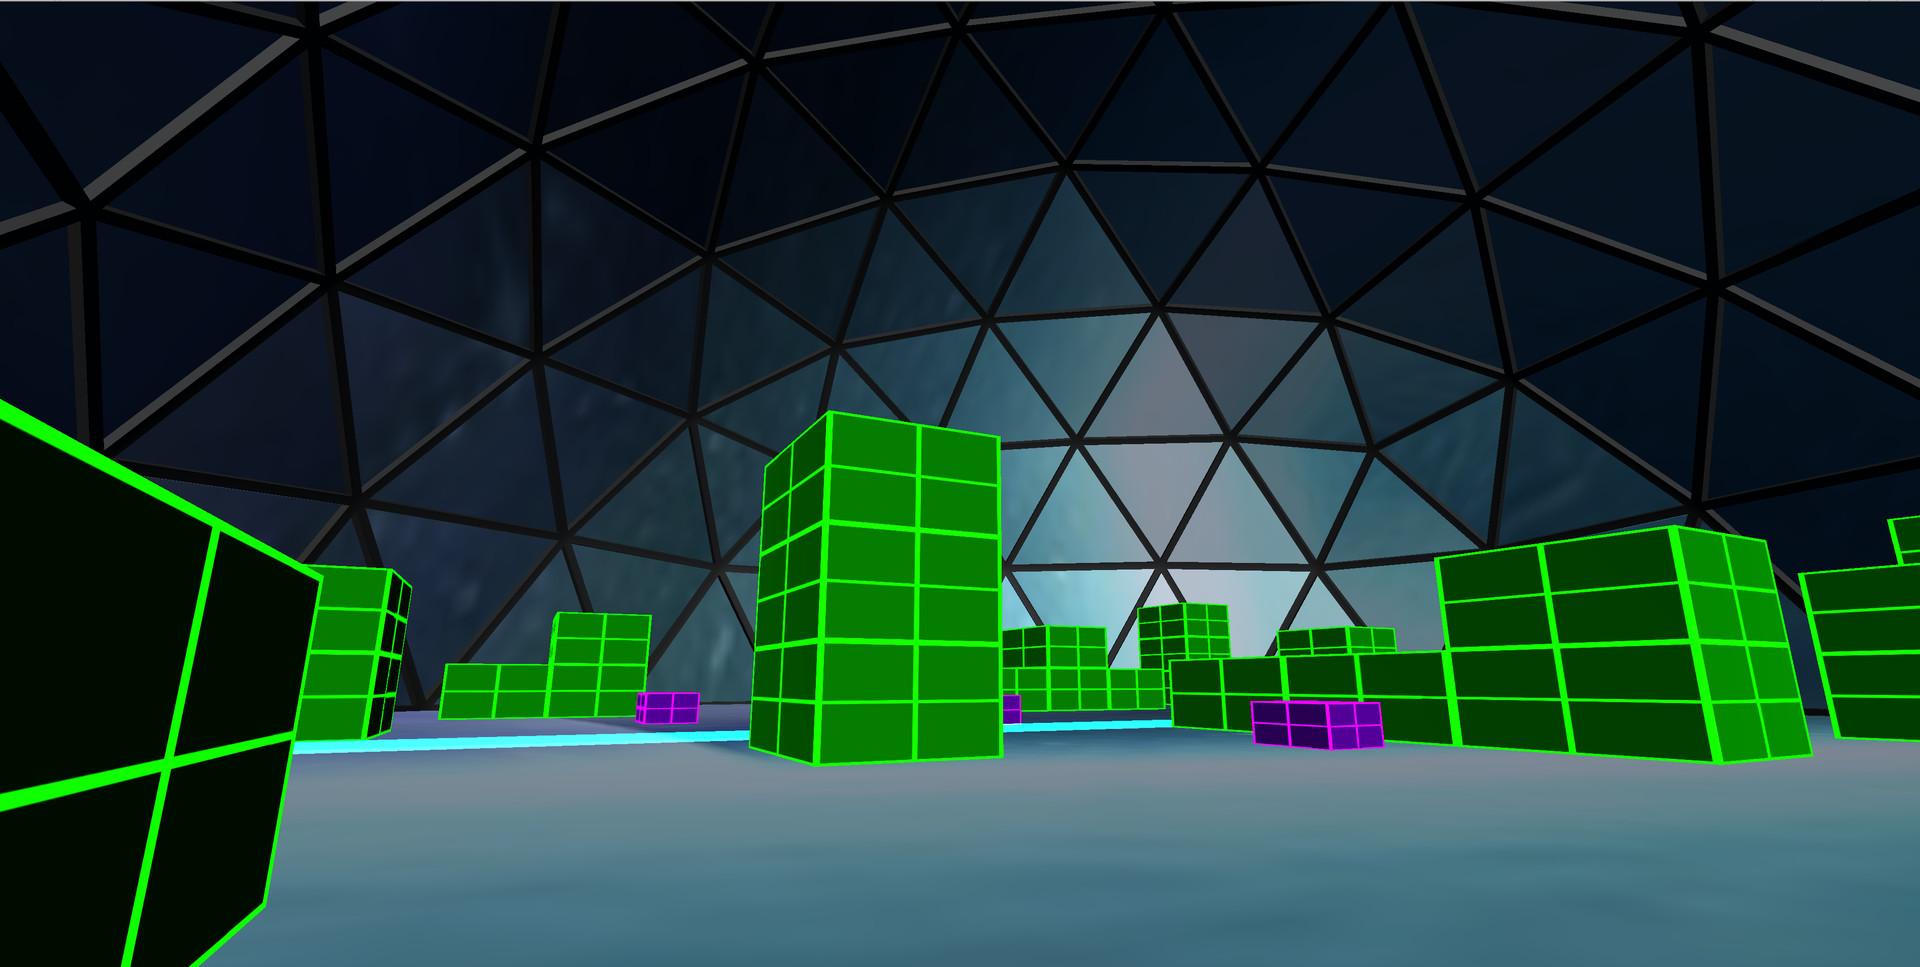 DodgeBall VR Free Download